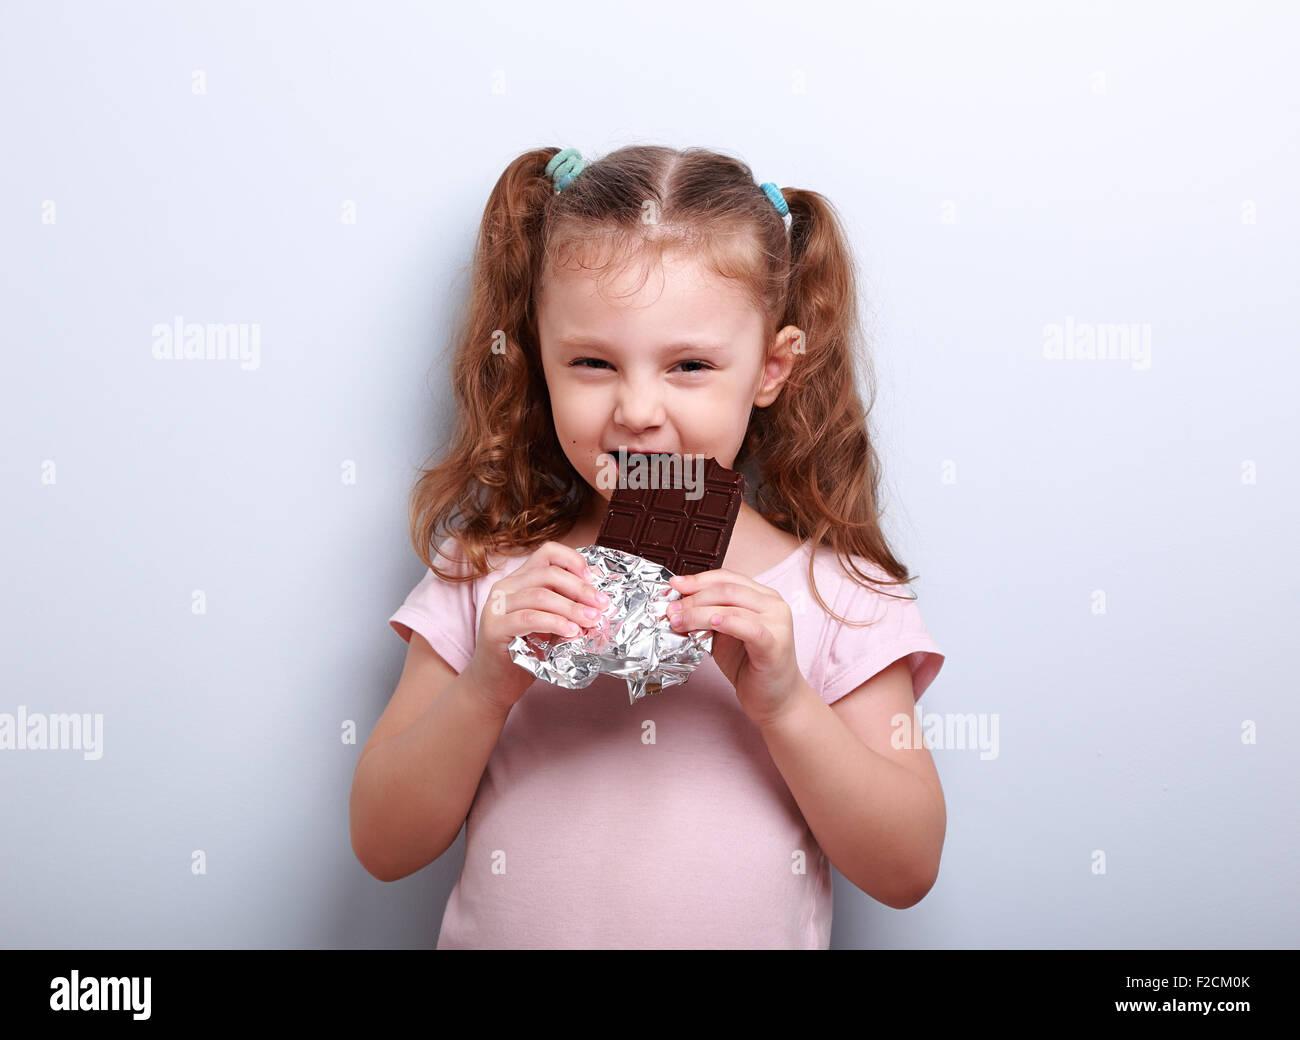 Astuzia fun kid ragazza mangiando cioccolato fondente con sguardo curioso su sfondo blu Immagini Stock